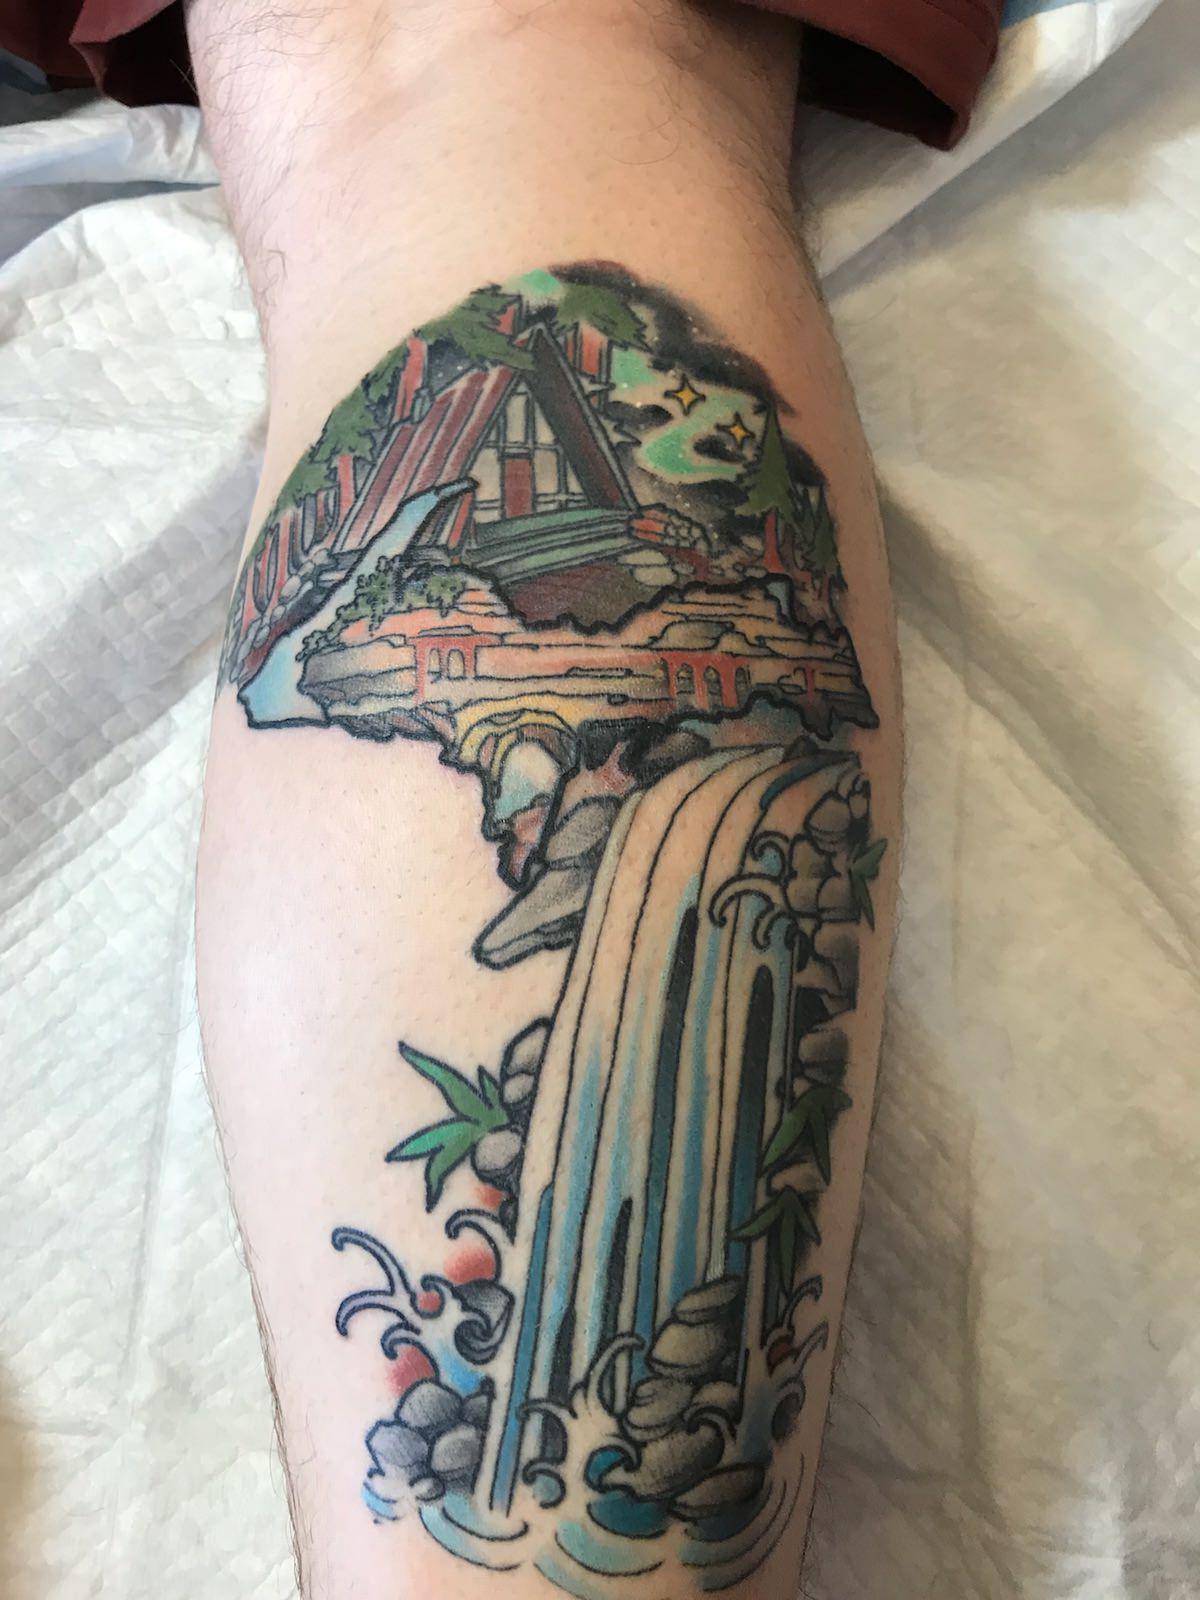 Pin by Alec Firack on New tattoo ideas   Tattoos, Tattoo designs ...